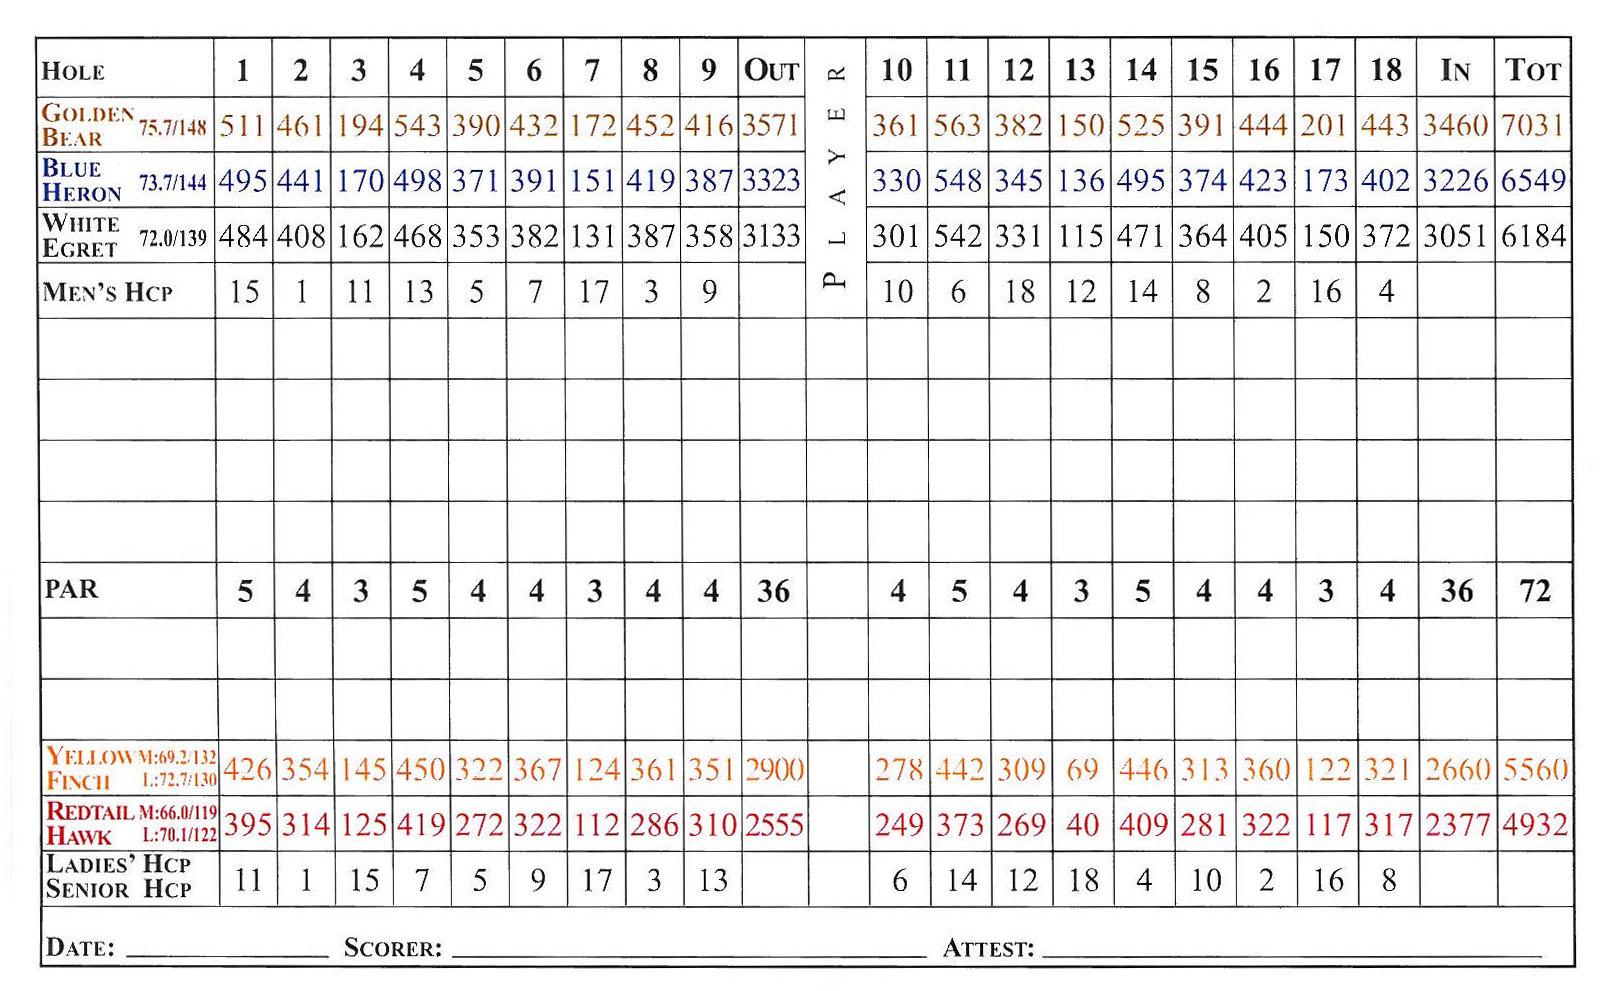 Myrtle Beach Restaurant Scorecard